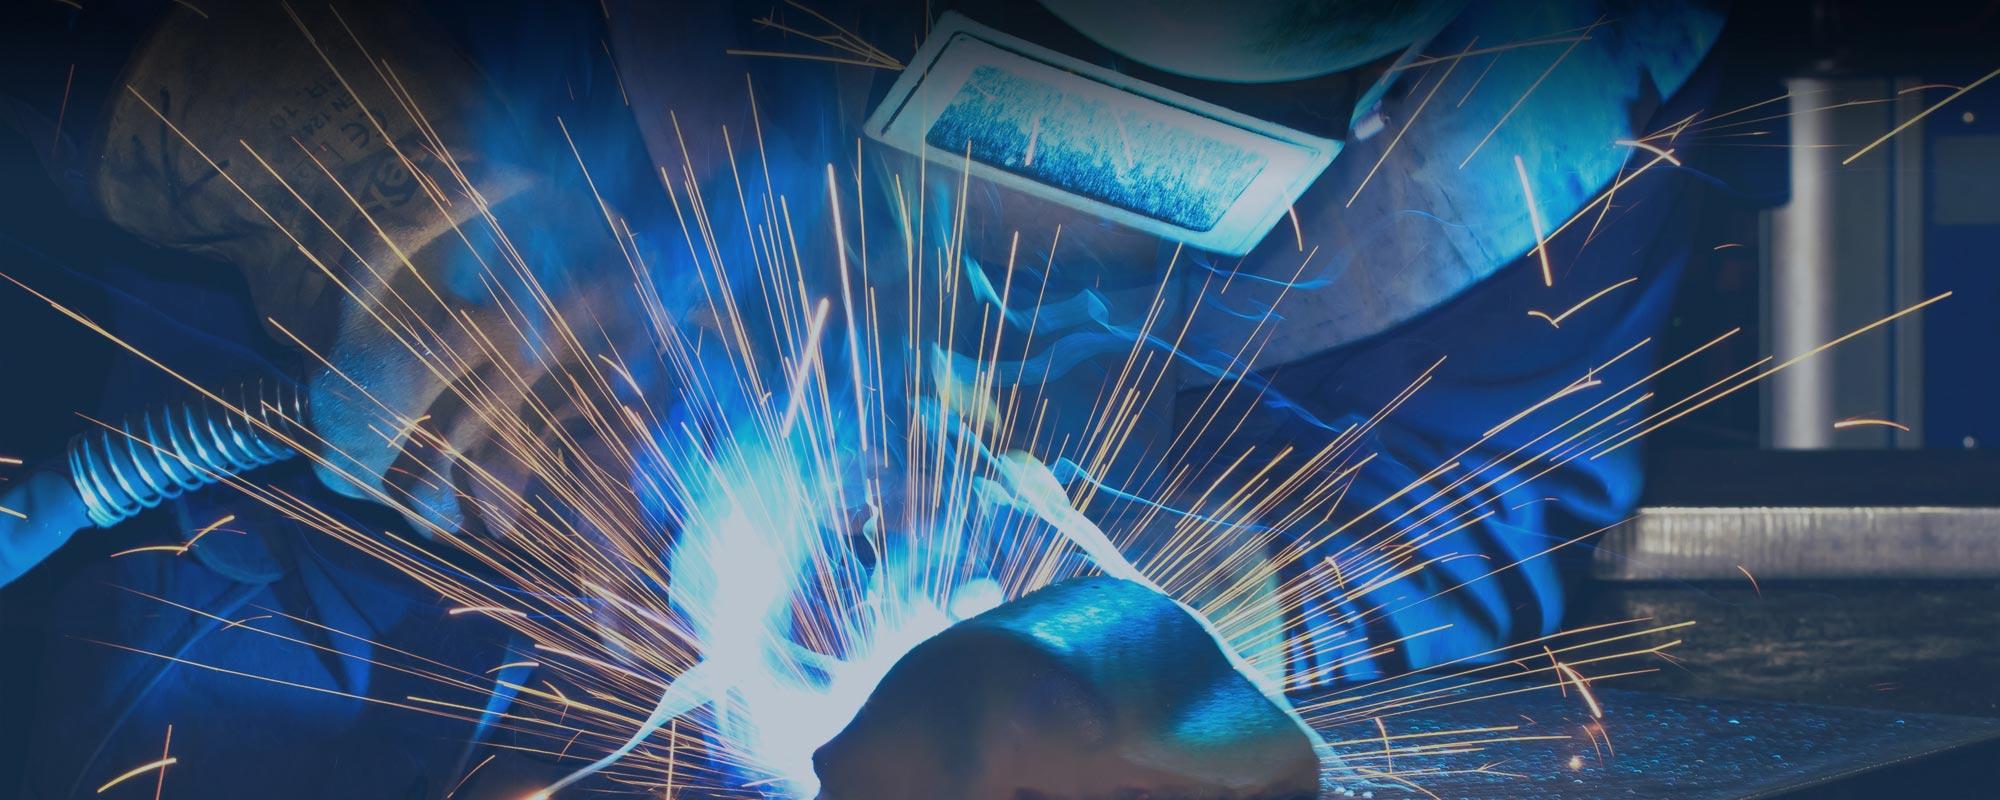 Klotz Metallbau metallbau schlosserei aus halle metallbau halle leipzig